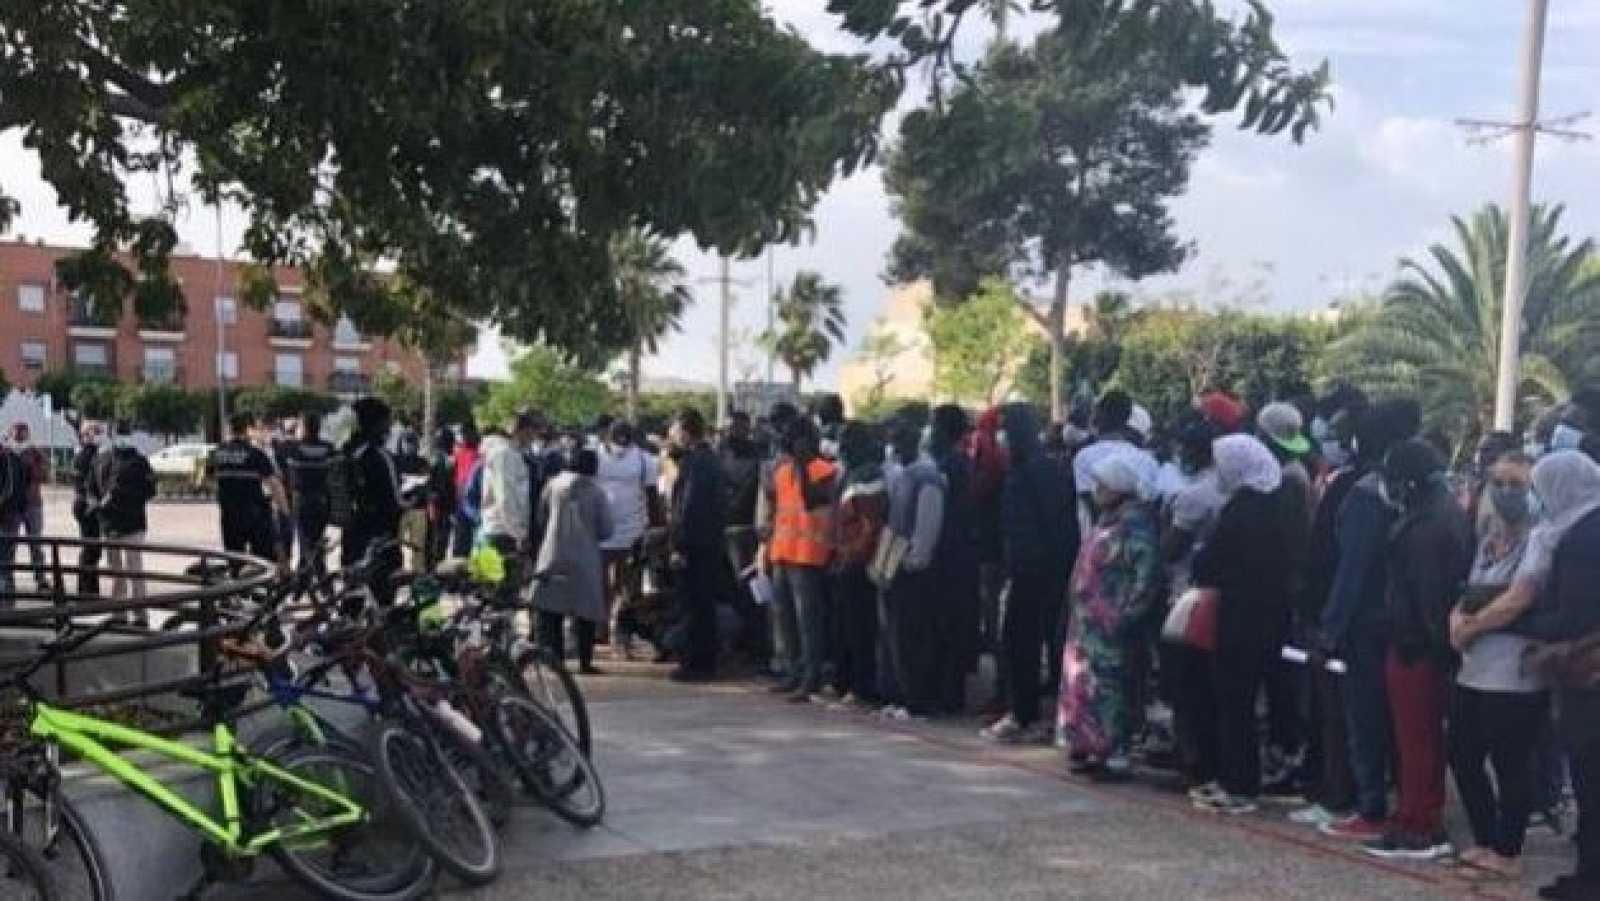 Colas de migrantes frente a la oficina municipal de Níjar sin distancia de seguridad.